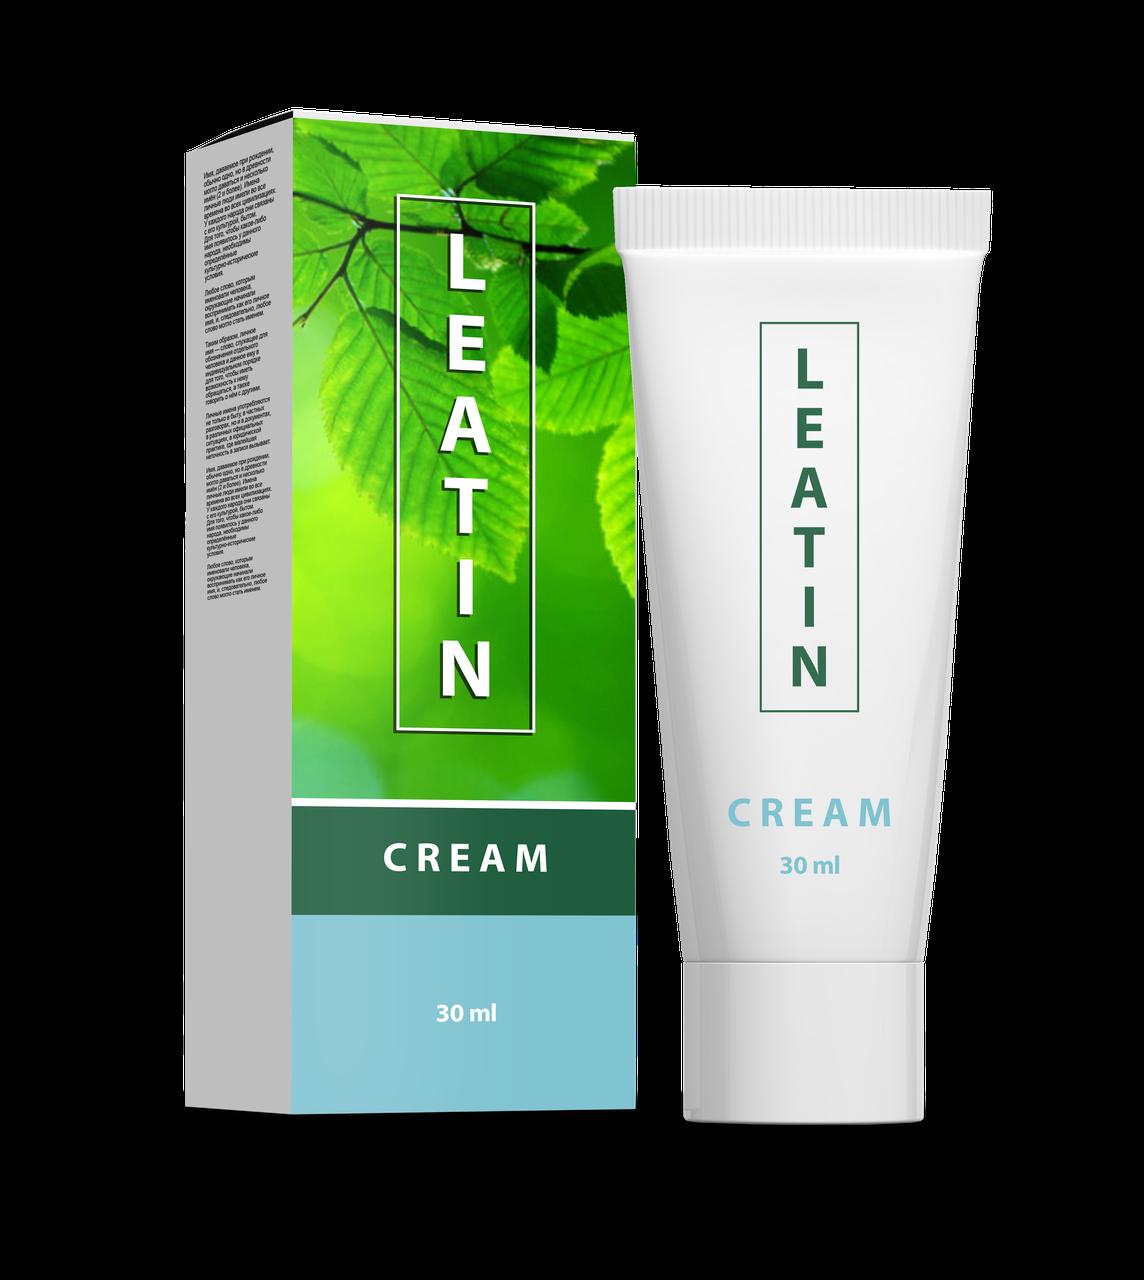 Leatin (Леатин) – крем от грибка стопы